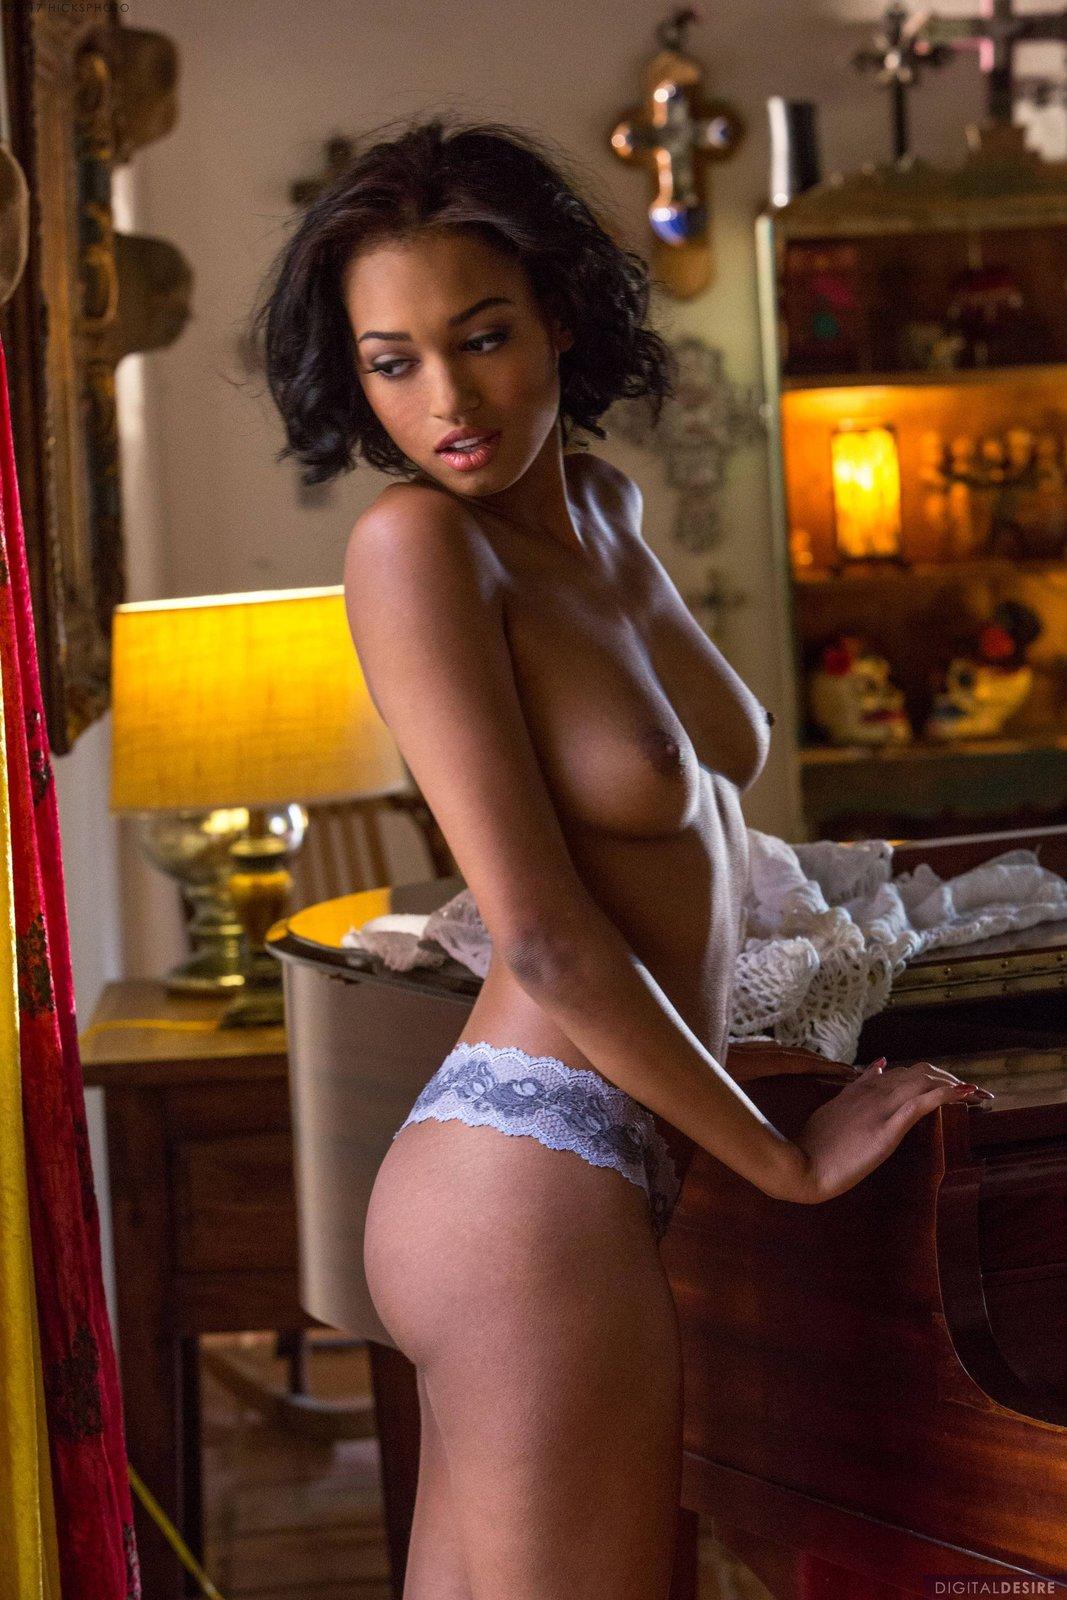 Noel Monique In Sensual Look By Digital Desire 12 Photos -8369